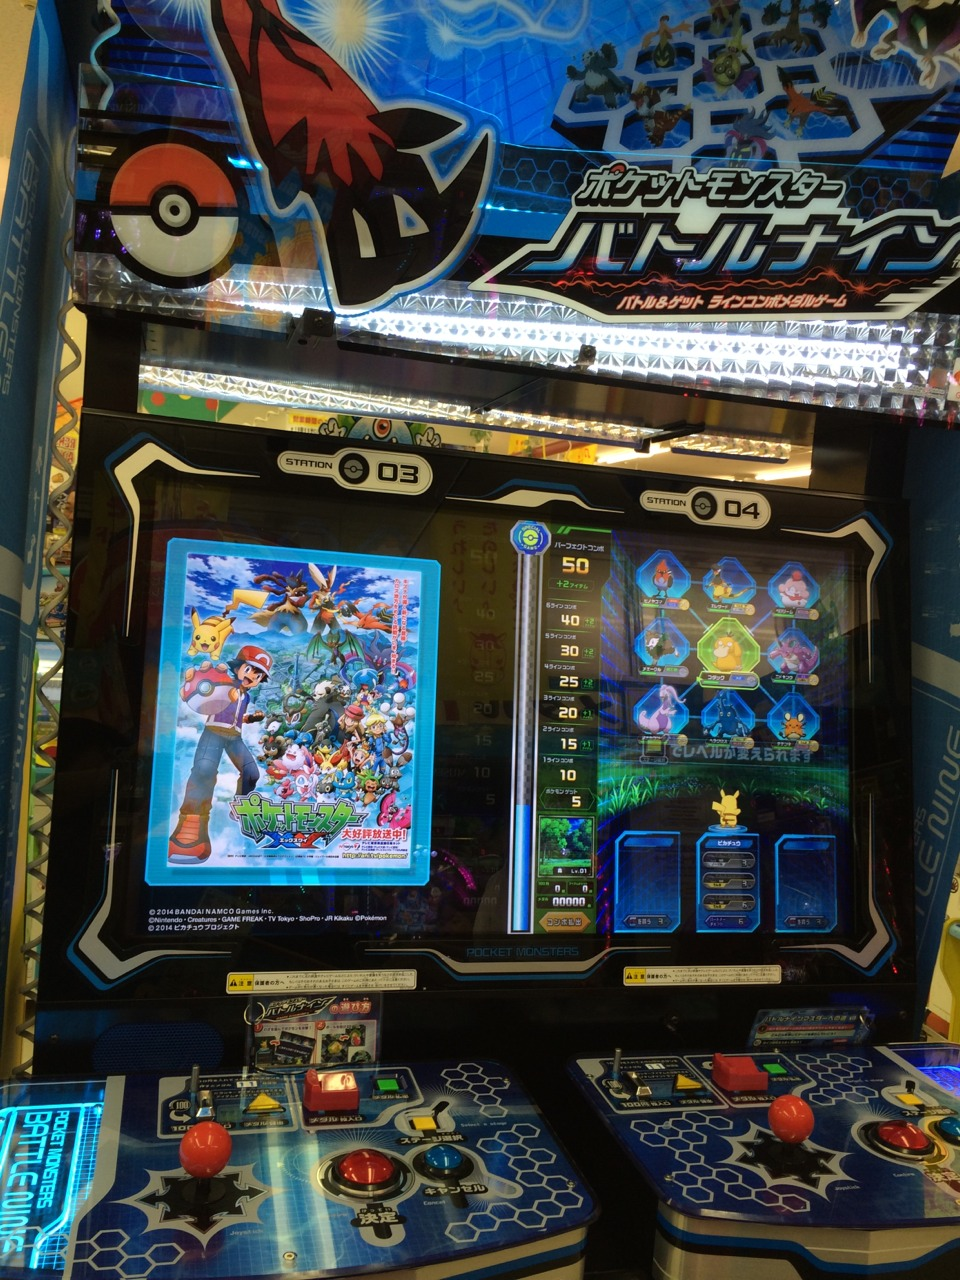 新メダルゲーム「ポケモンバトルナイン」 | 大見商事 - 鹿児島県・宮崎